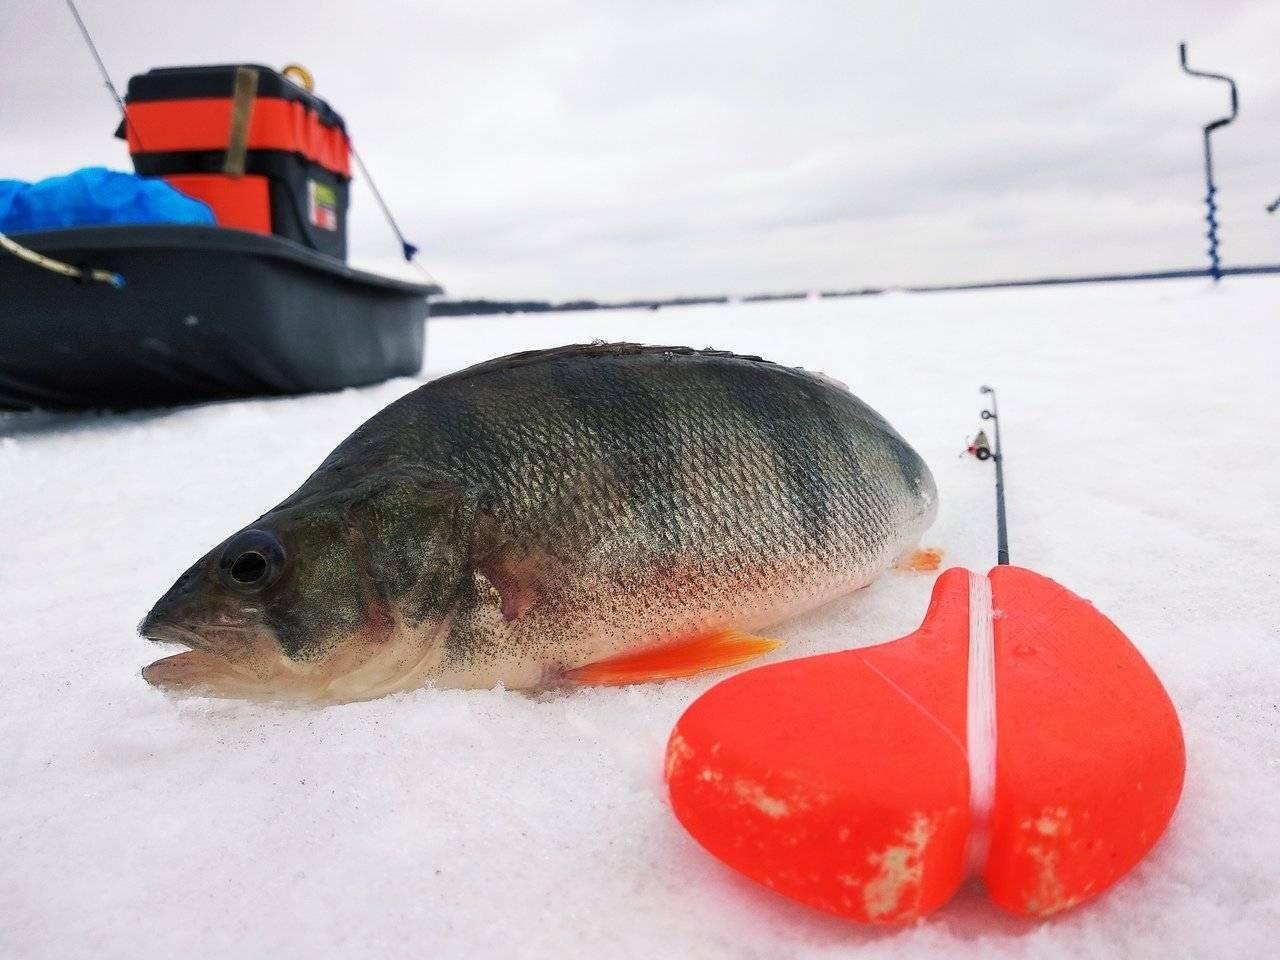 Рыбалка в тюменской области и тюмени: известные реки региона, популярные озёра, платные места вылова рыбы